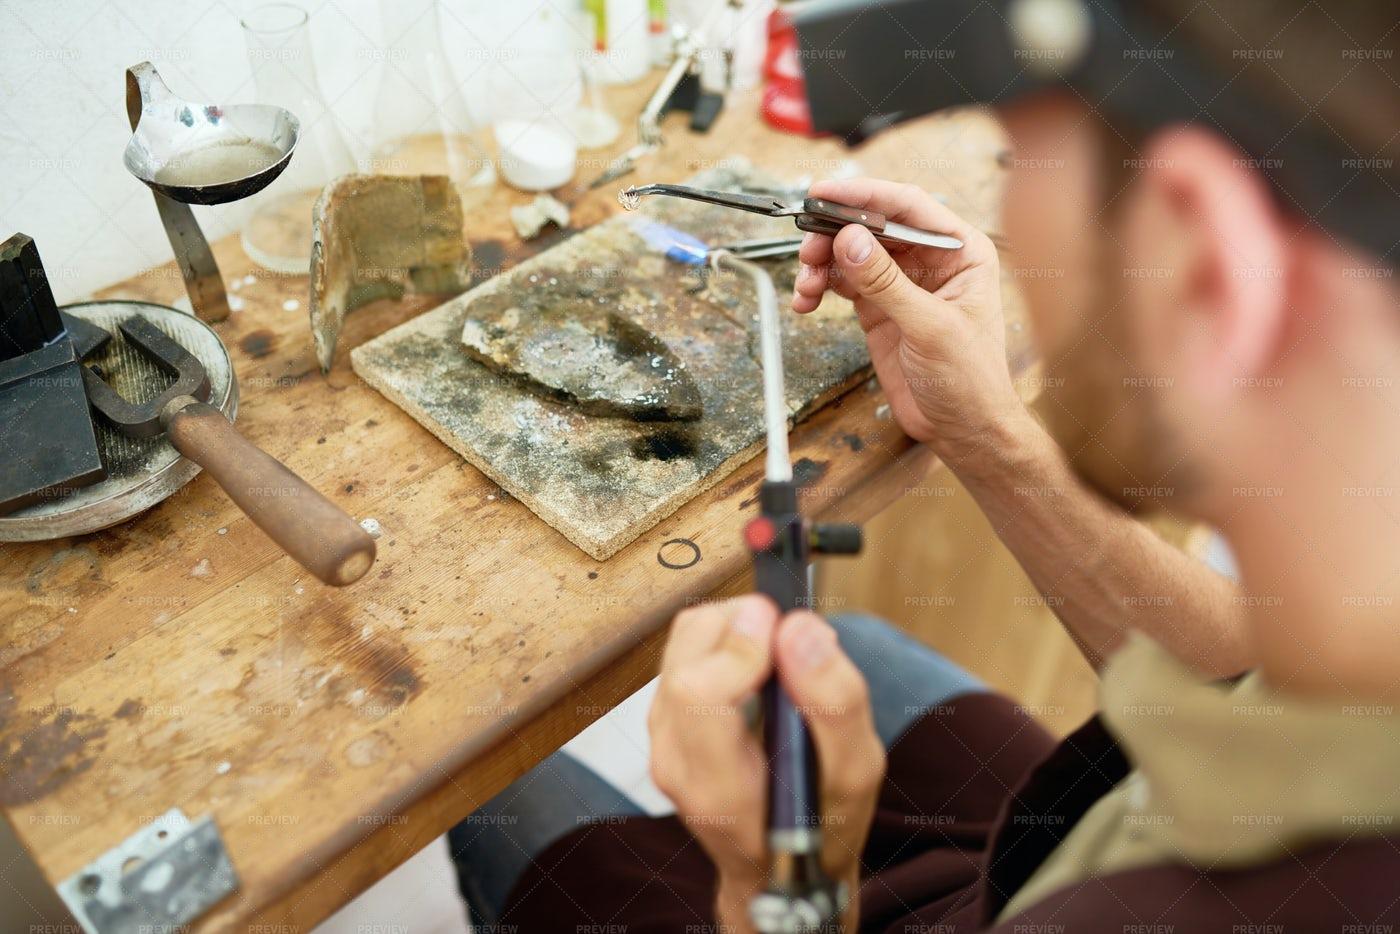 Man Welding Metal: Stock Photos